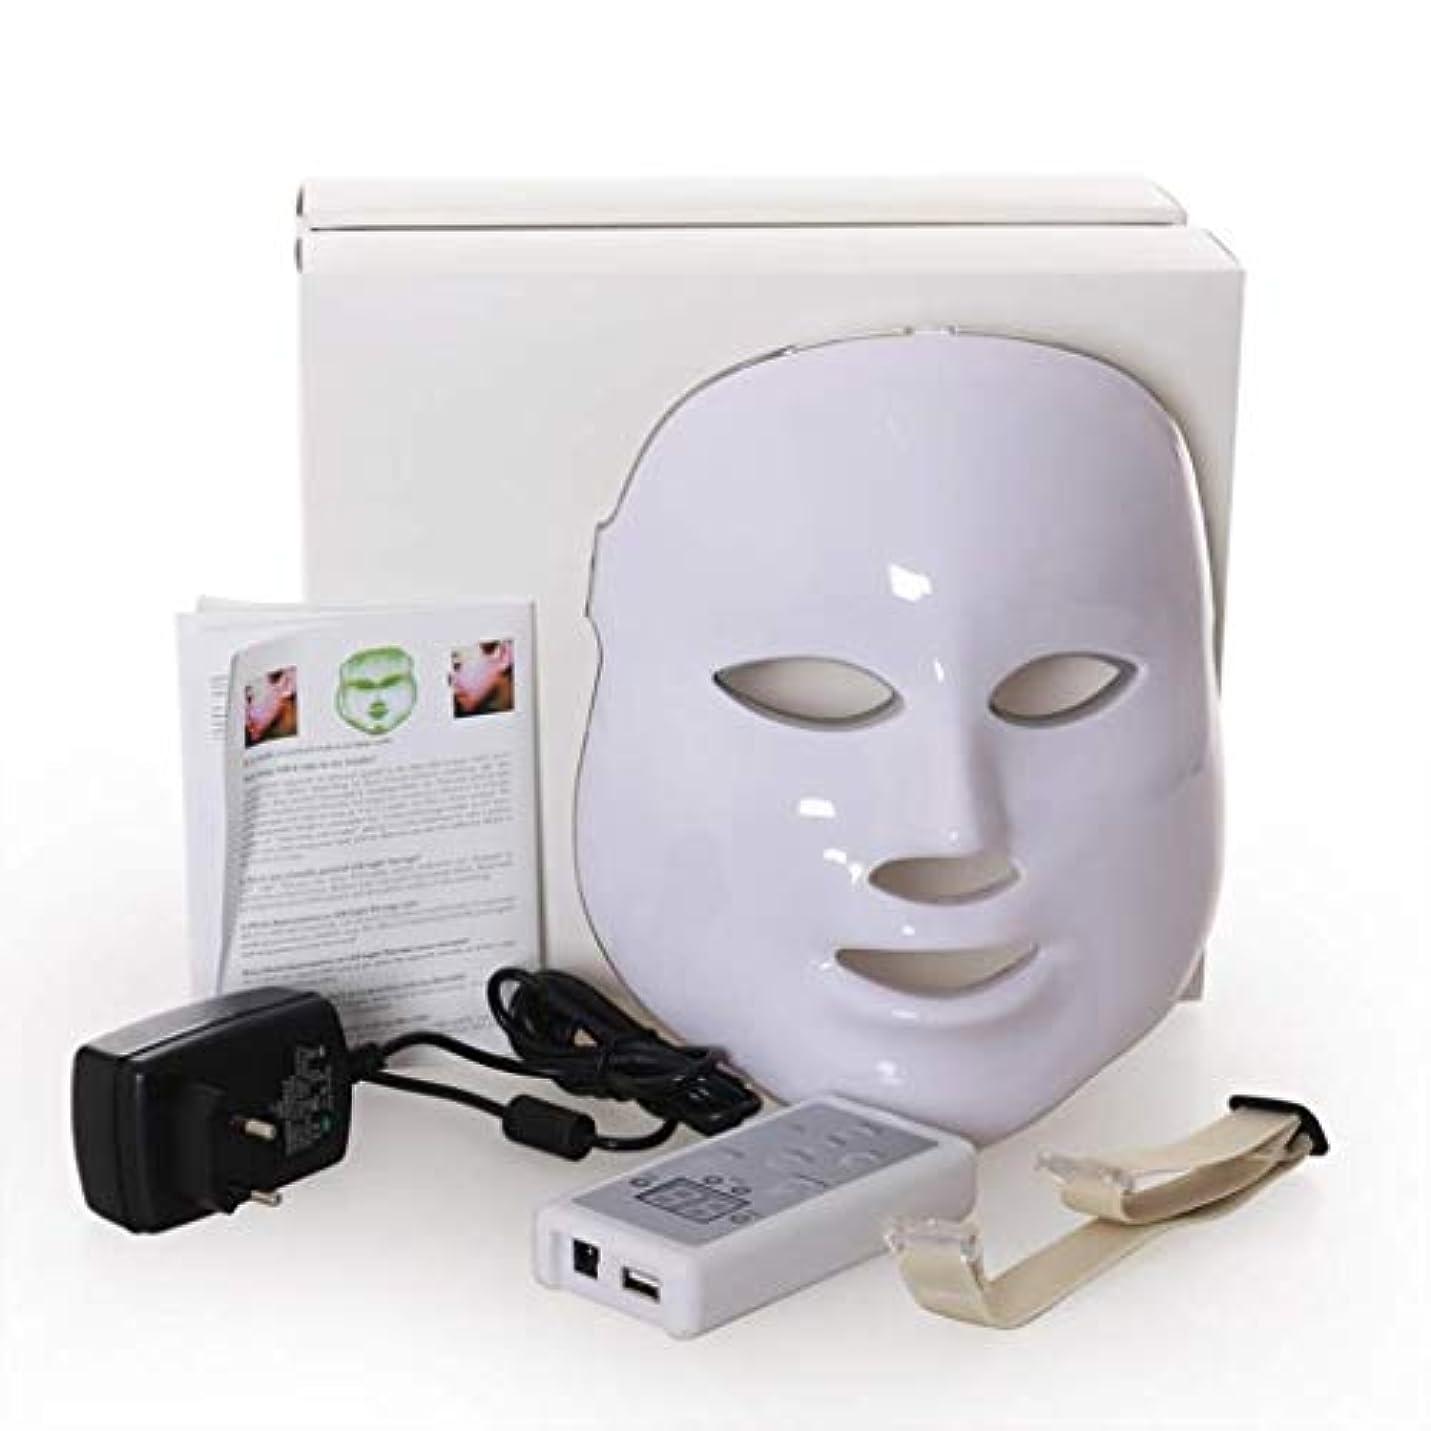 ファントムホールドオール固めるフェイシャルビューティーインストルメント、7色LED光線療法フェイシャルスキンマスク、しわ、ニキビ、シミ、肌の若返りコラーゲン、アンチエイジングビューティーマスクを減らす